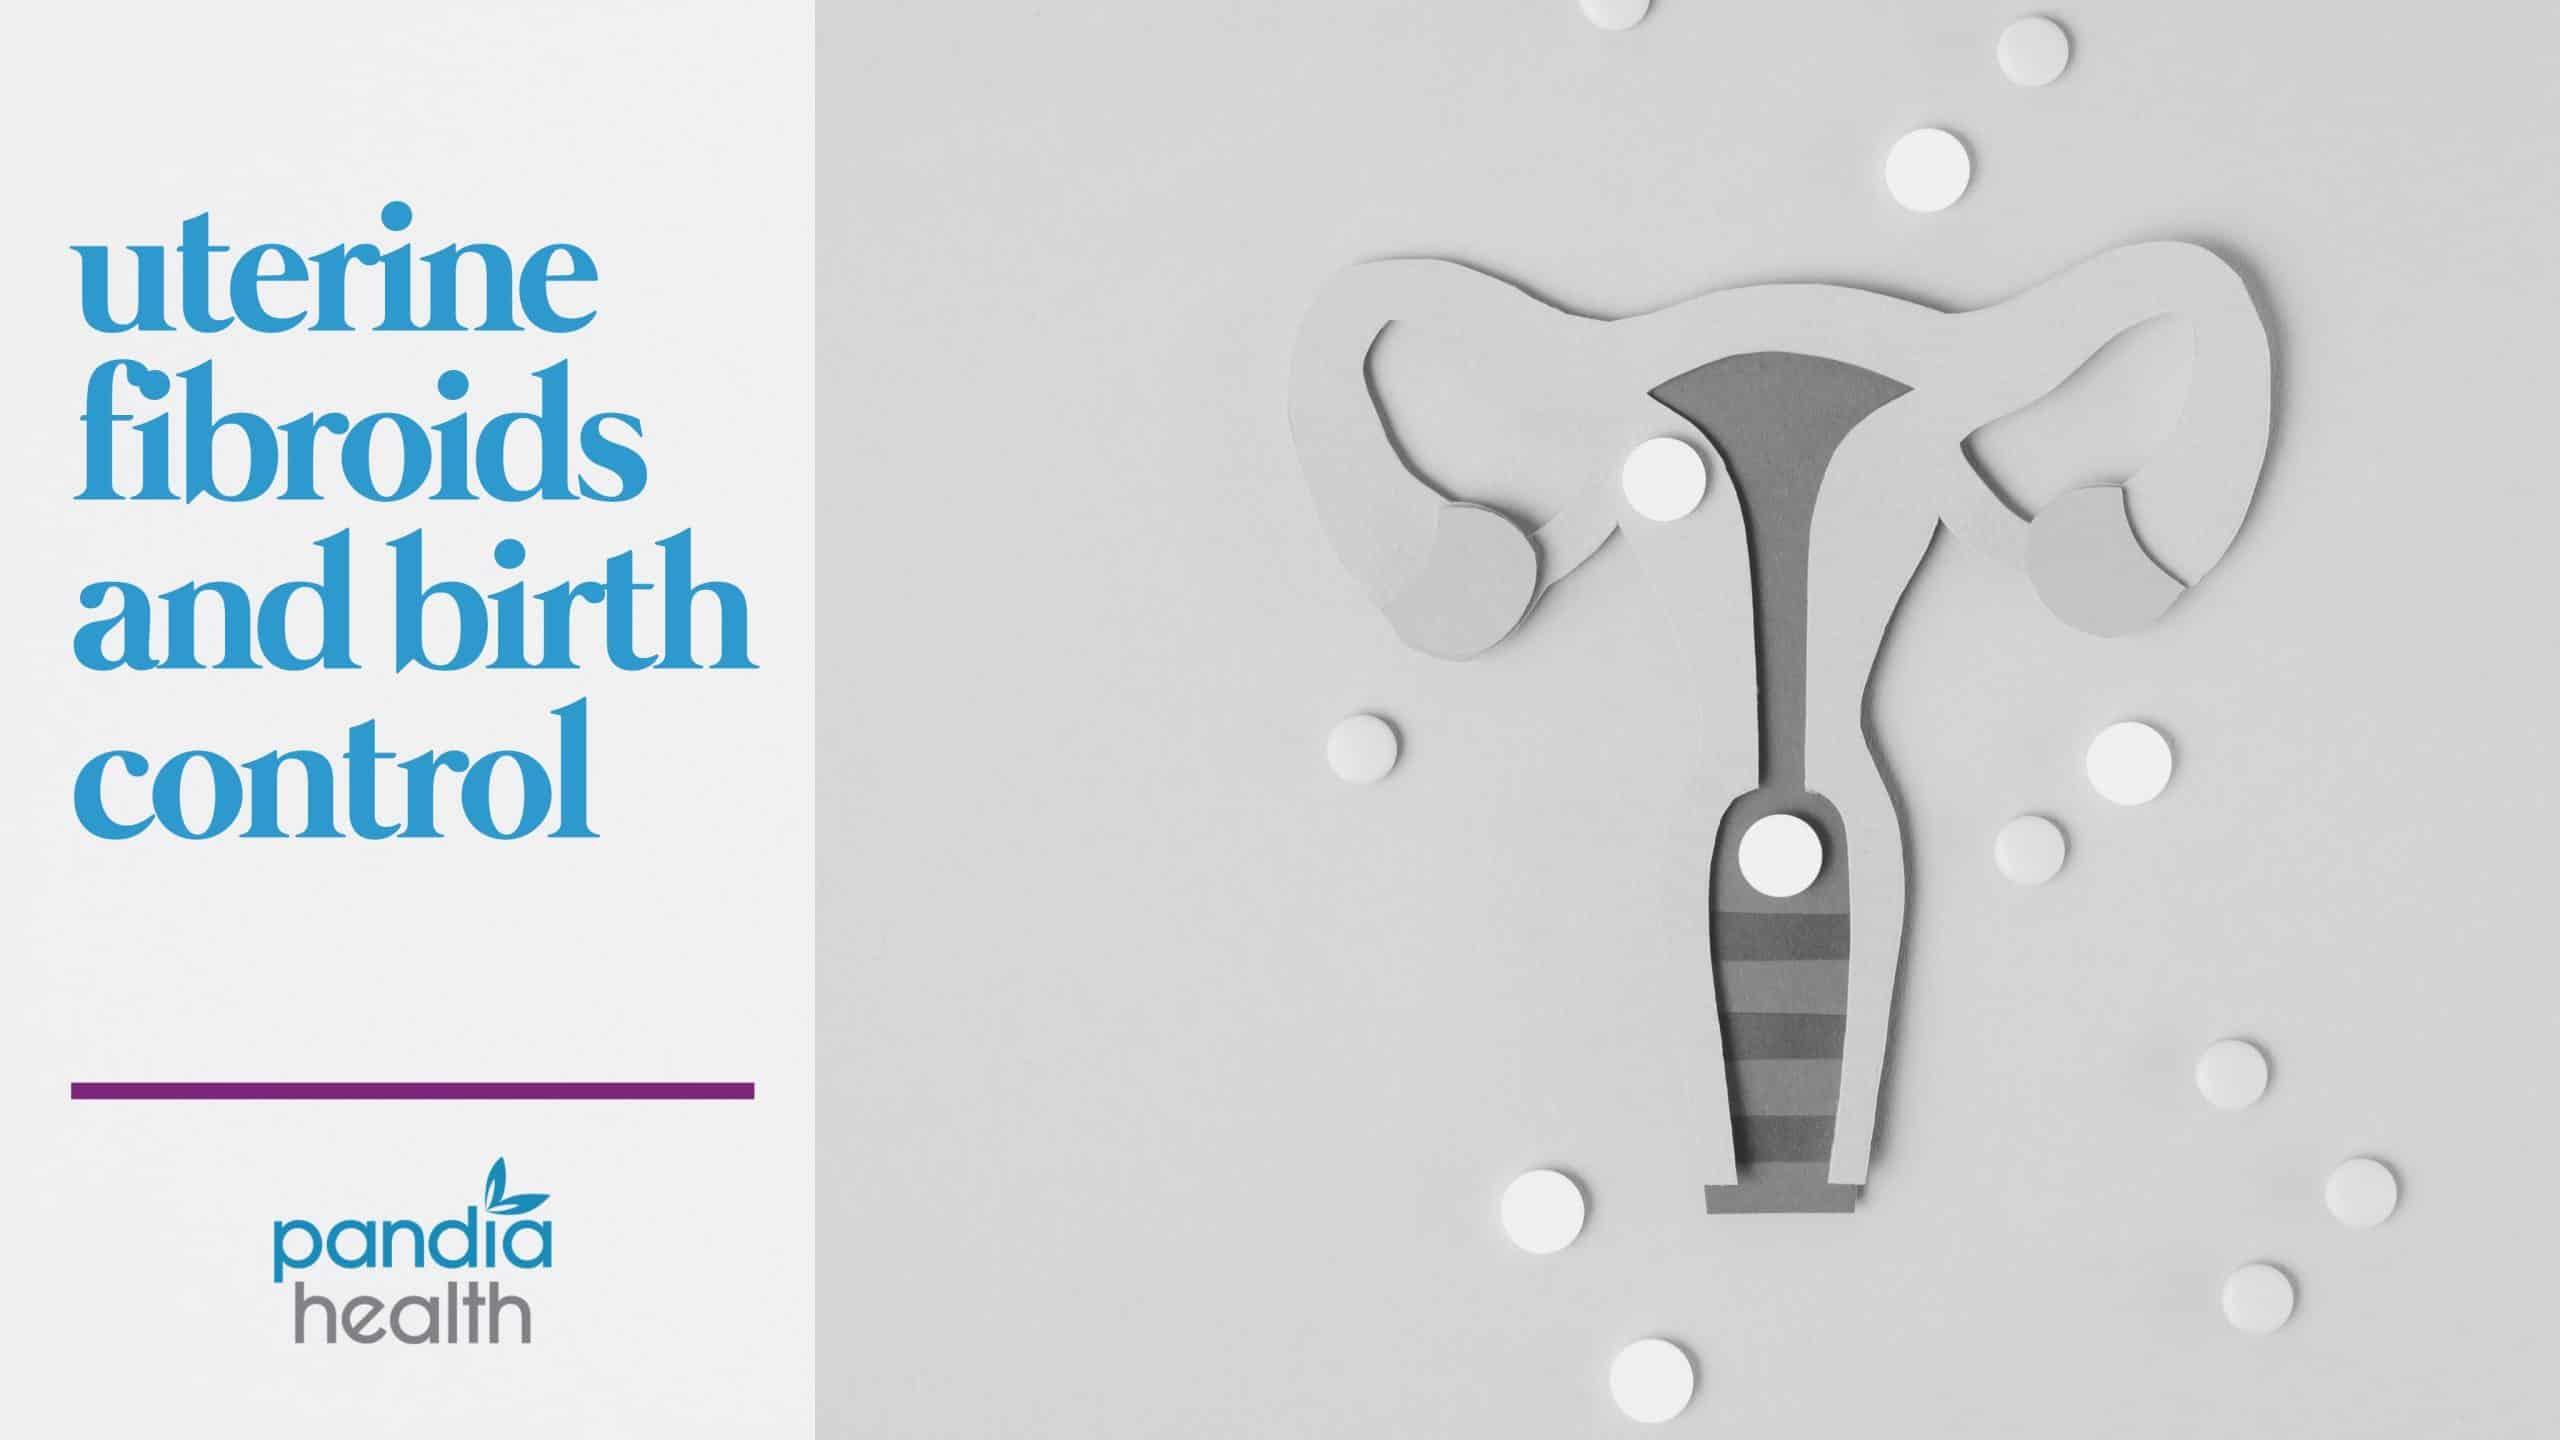 uterine fibroids and birth control